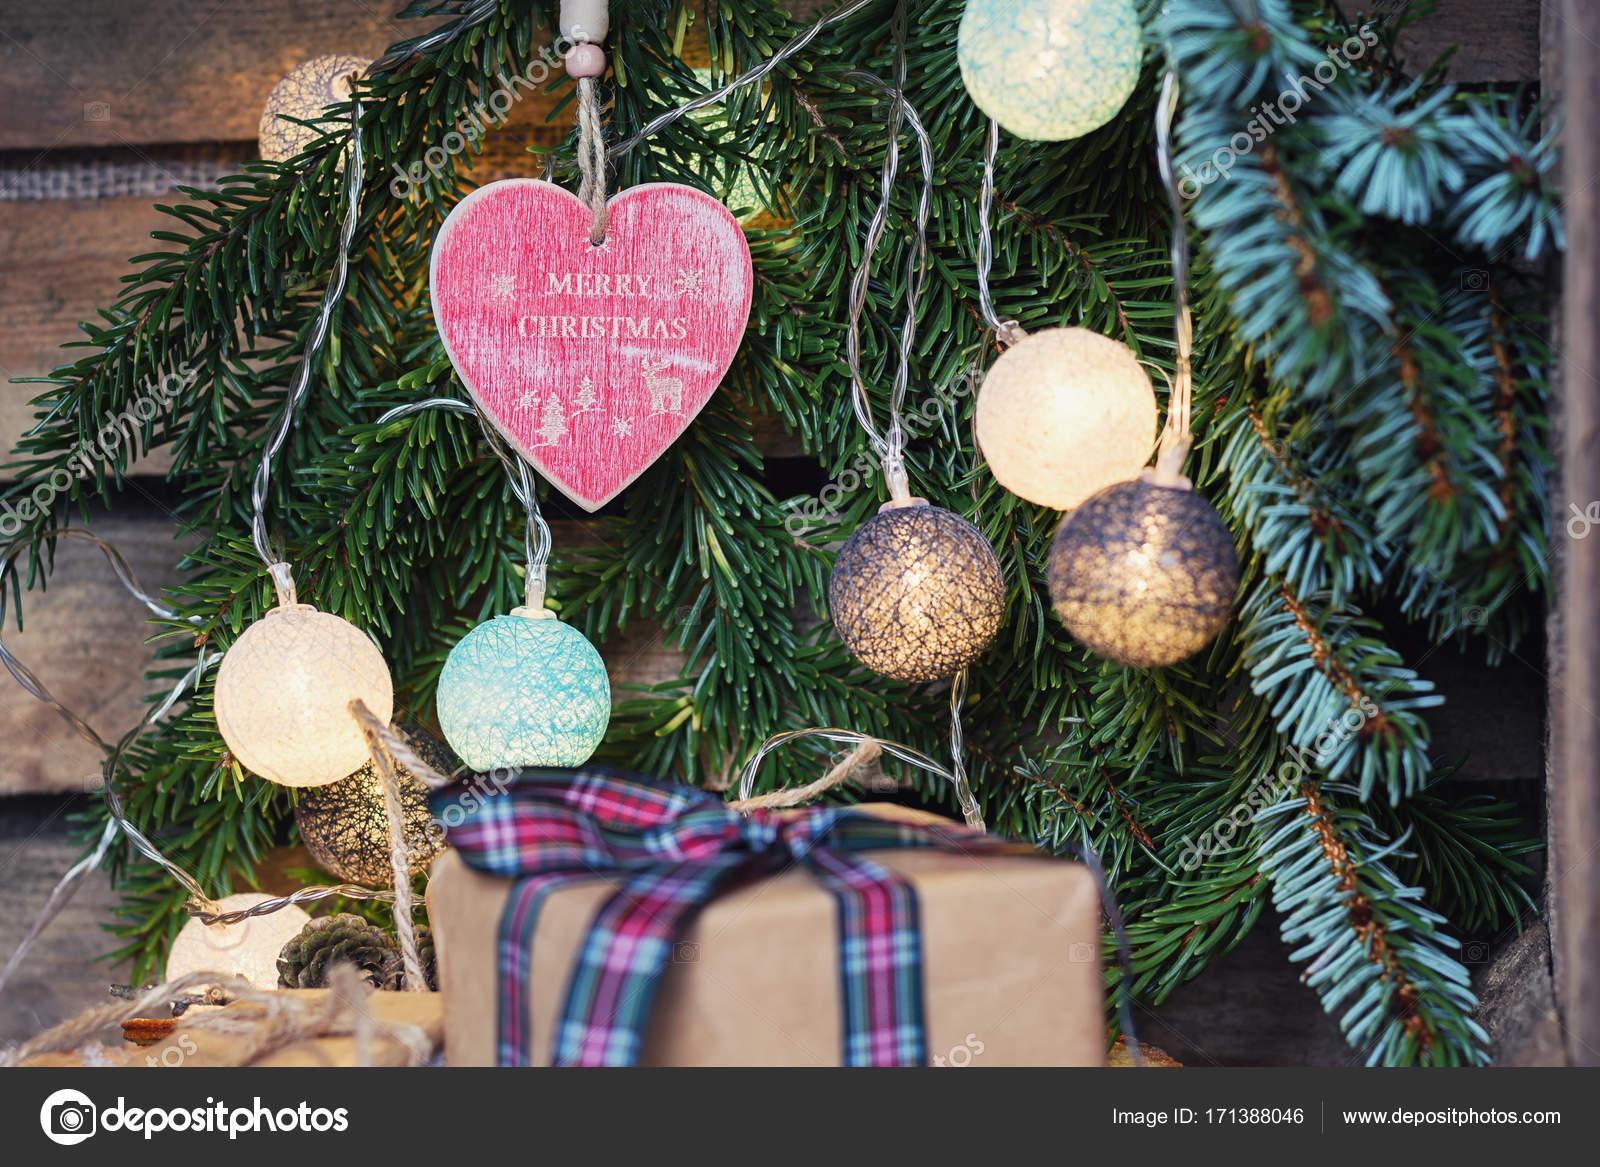 Beleuchtete Christbaumkugeln.Gruß Zu Weihnachten In Einem Weihnachts Zweig Mit Beleuchtete